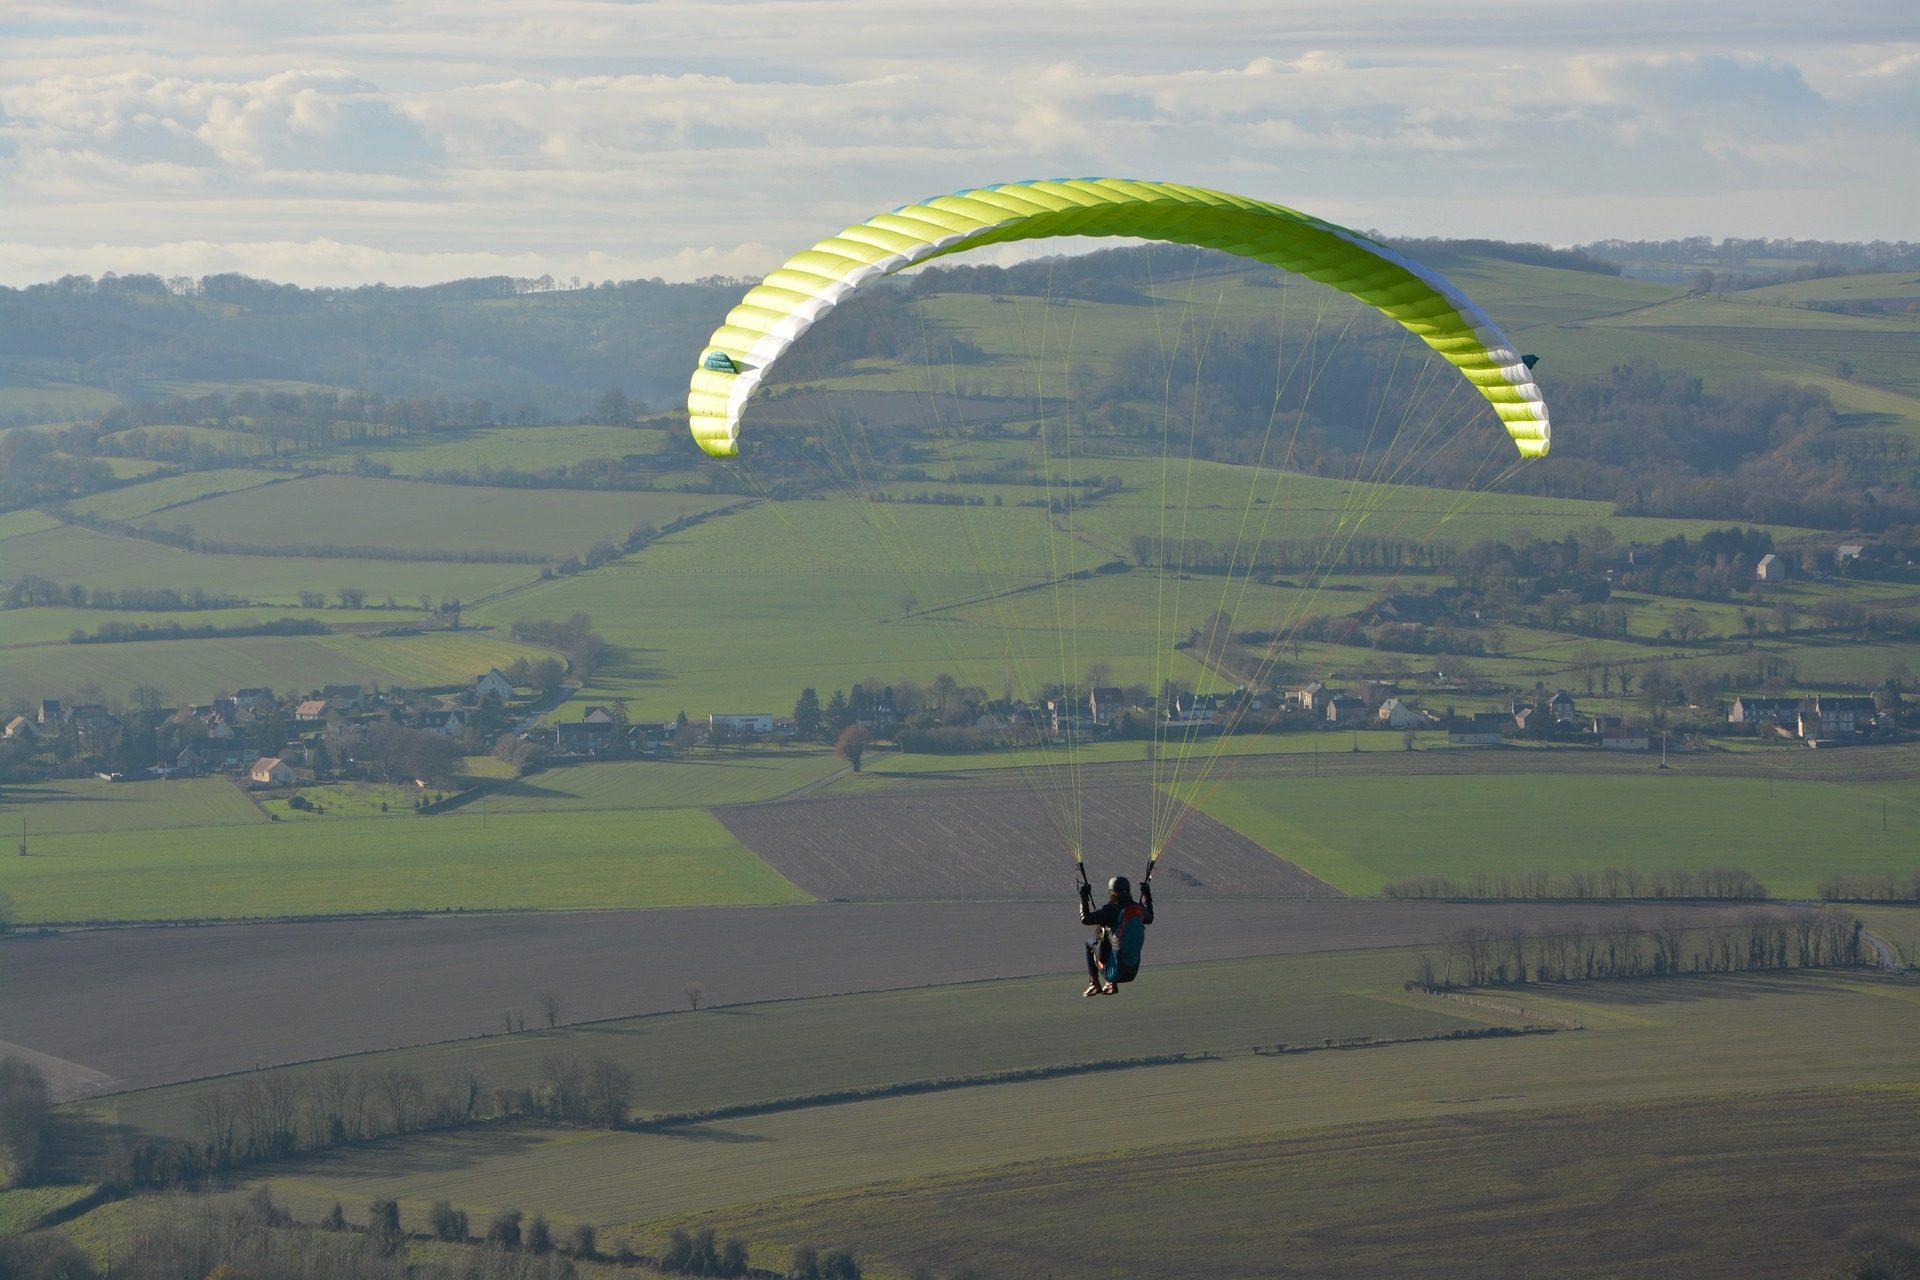 पैराग्लाइडिंग, उड़ान, नि: शुल्क, ऊंचाई, जोखिम - HD वॉलपेपर - प्रोफेसर-falken.com